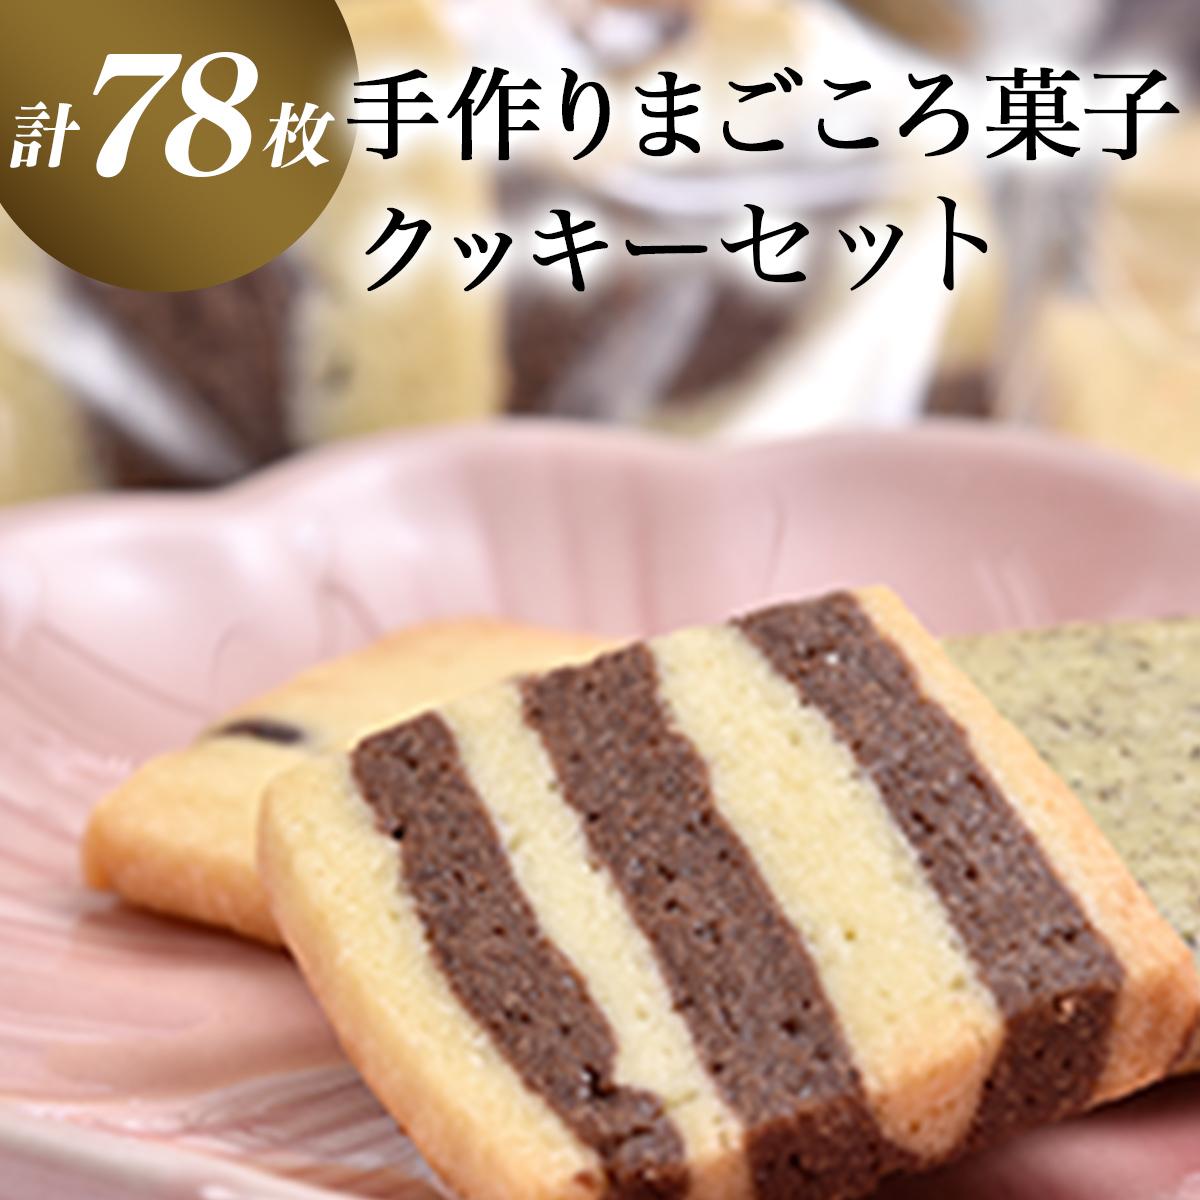 【ふるさと納税】手作りまごころ菓子ギフト(クッキー13袋 合計78枚)